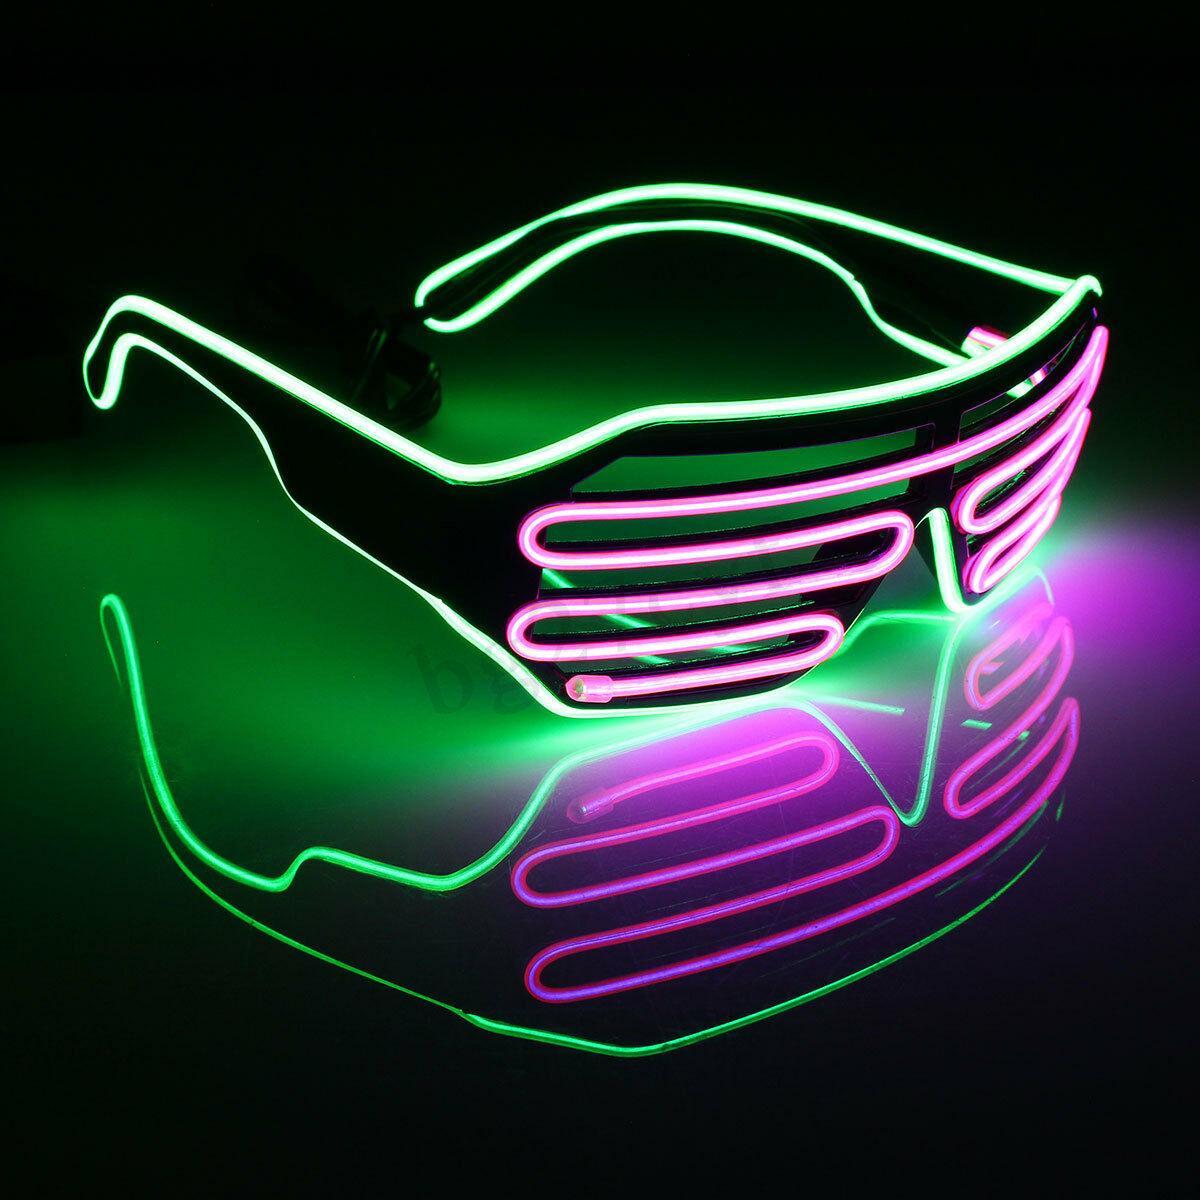 Очки светодиодные El Neon fluorescent green purple неоновые